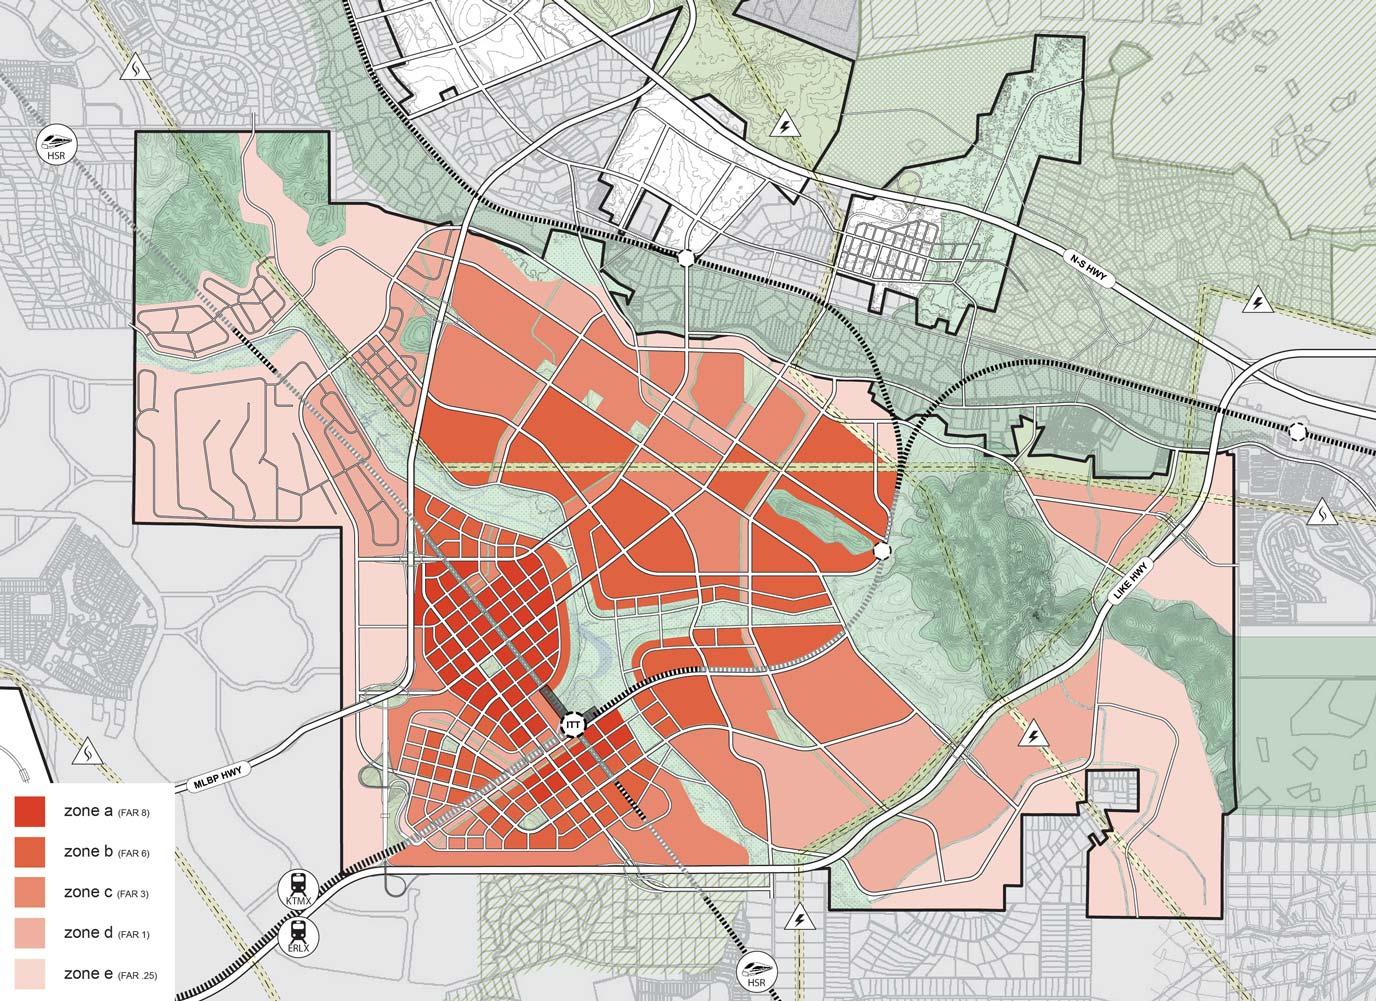 Malaysia-Vision-Valley_Density_Parcel-B_Master-Planning_Klopfer-Martin.jpg